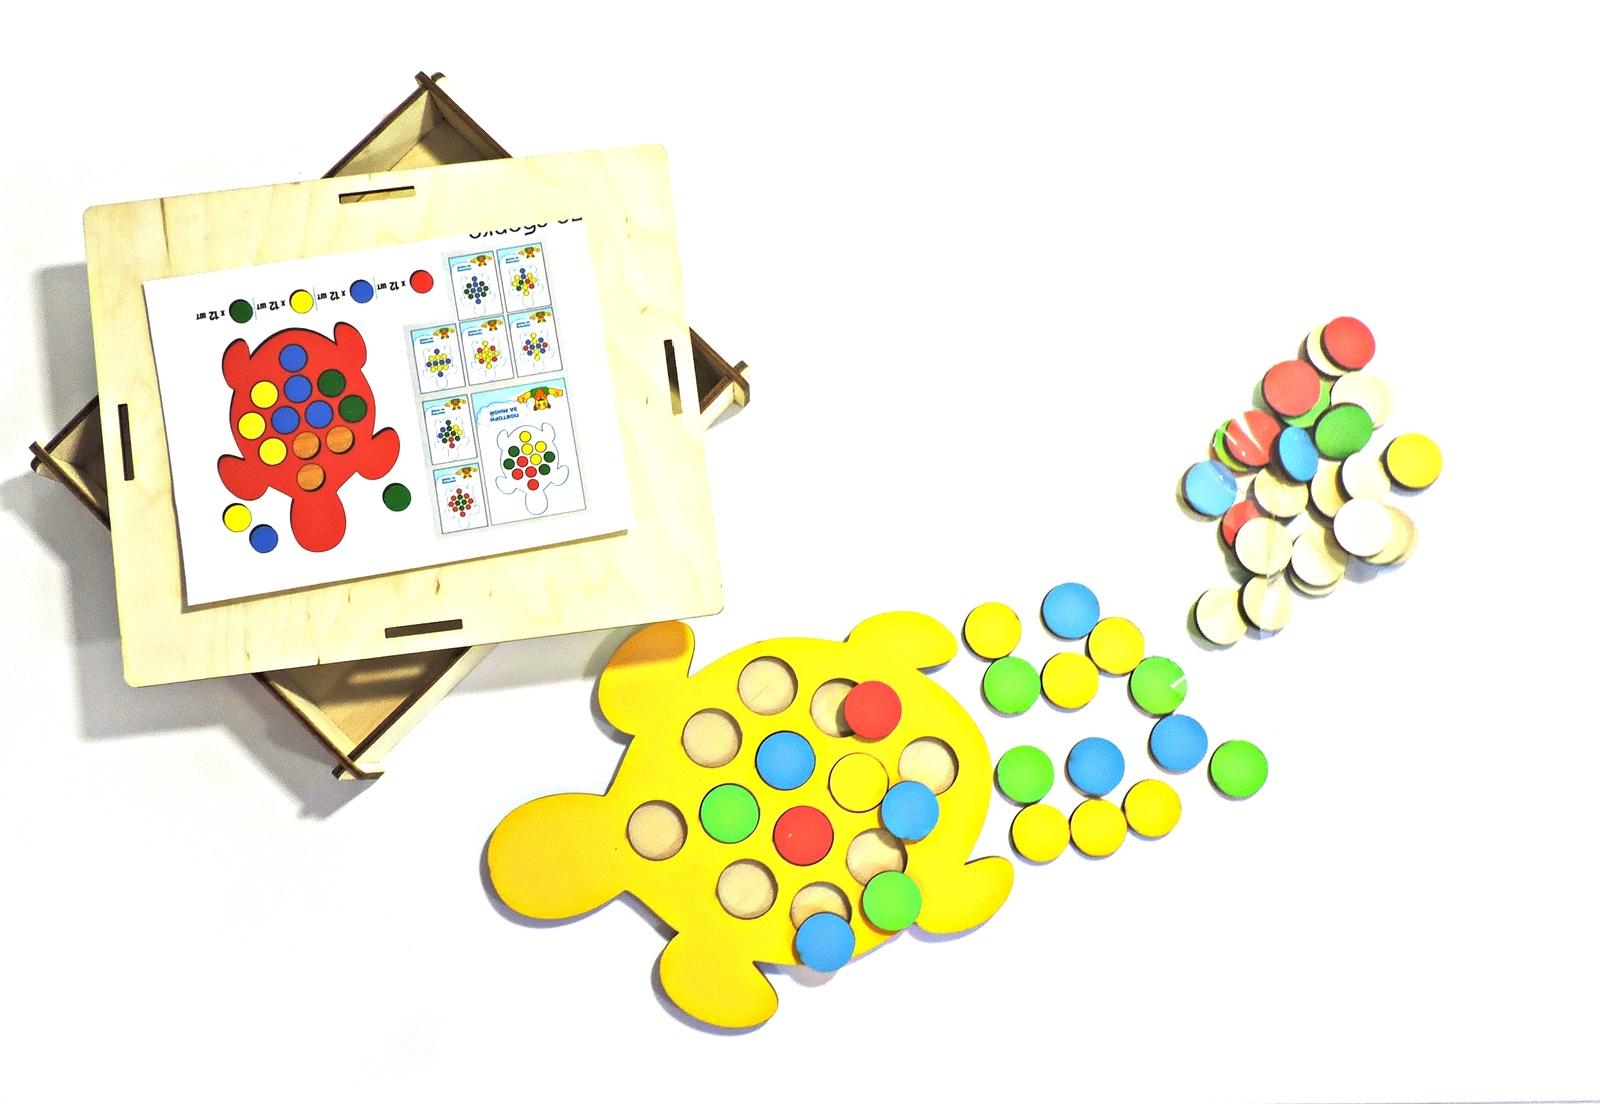 Обучающая игра Taowa Кружочки, 051-212-1 желтый, красный